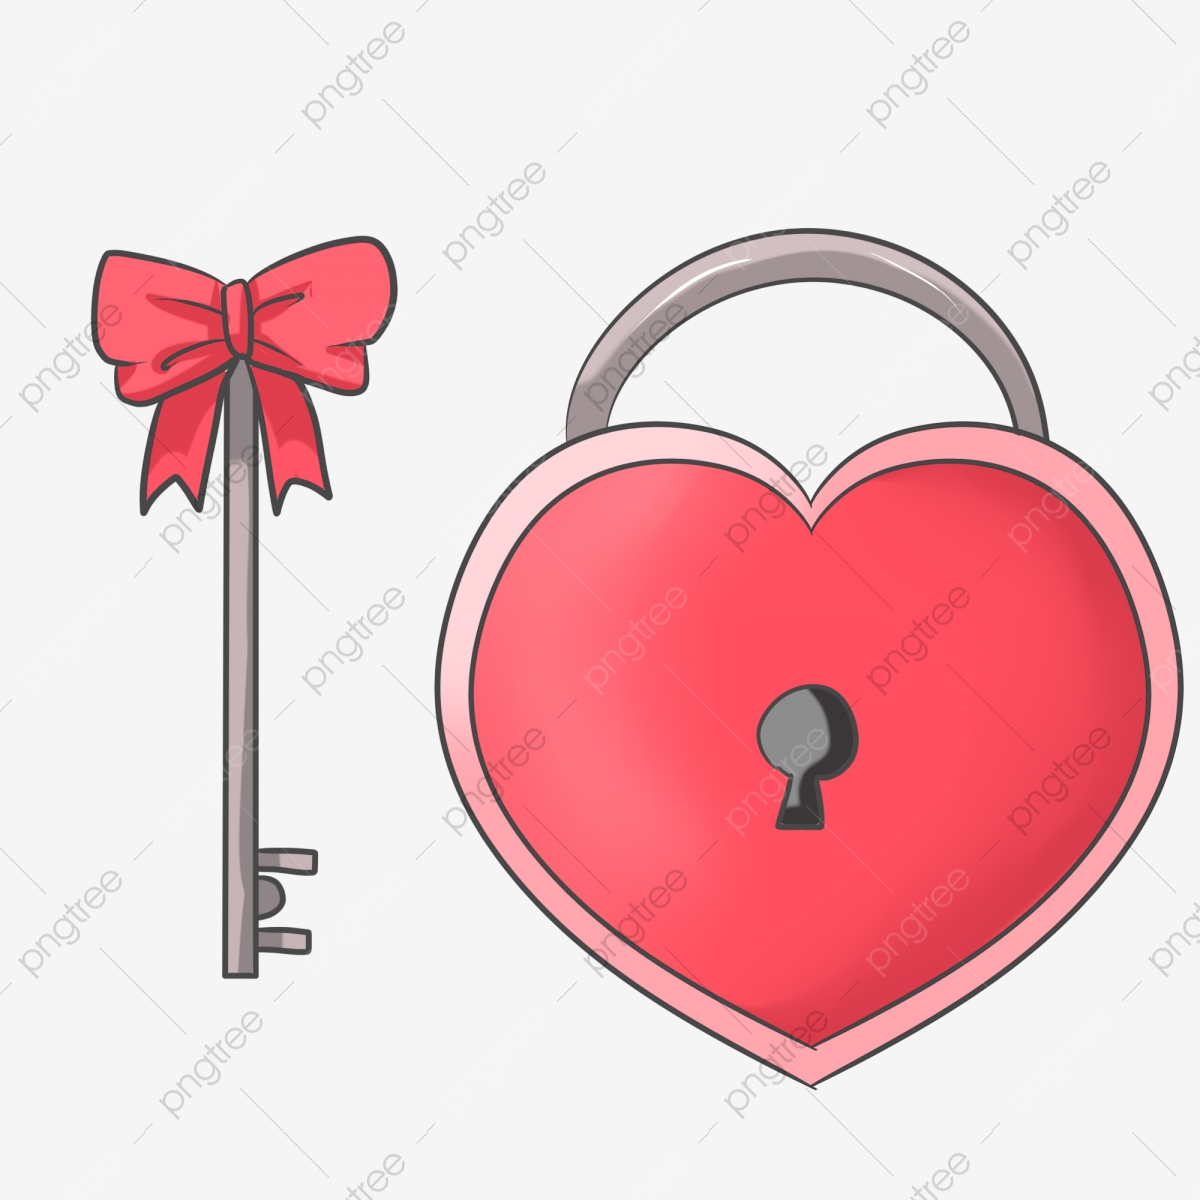 قفل على شكل قلب رسم كاريكاتوري رسم مرسوم باليد قفل مفتاح مفتاح أحمر رسم مرسوم باليد رسم كاريكاتوري Png وملف Psd للتحميل مجانا